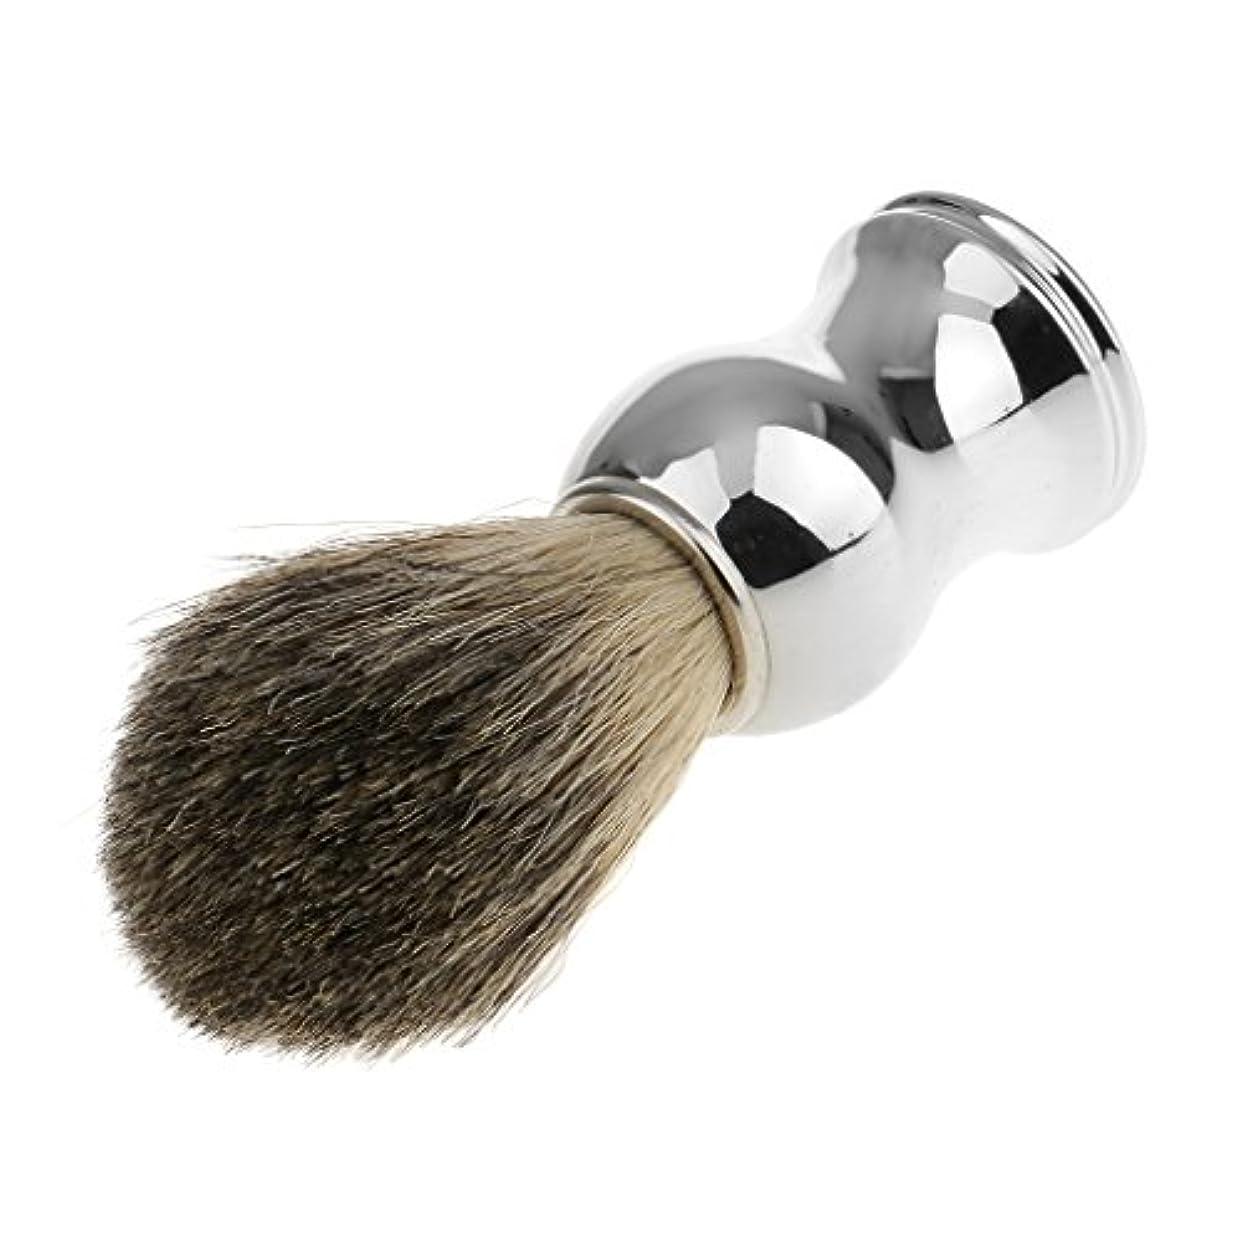 原始的な勧告消毒する人工毛 シェービングブラシ 柔らかい 理容 洗顔 髭剃り 便携 乾くやすい 11.2cm シルバーハンドル